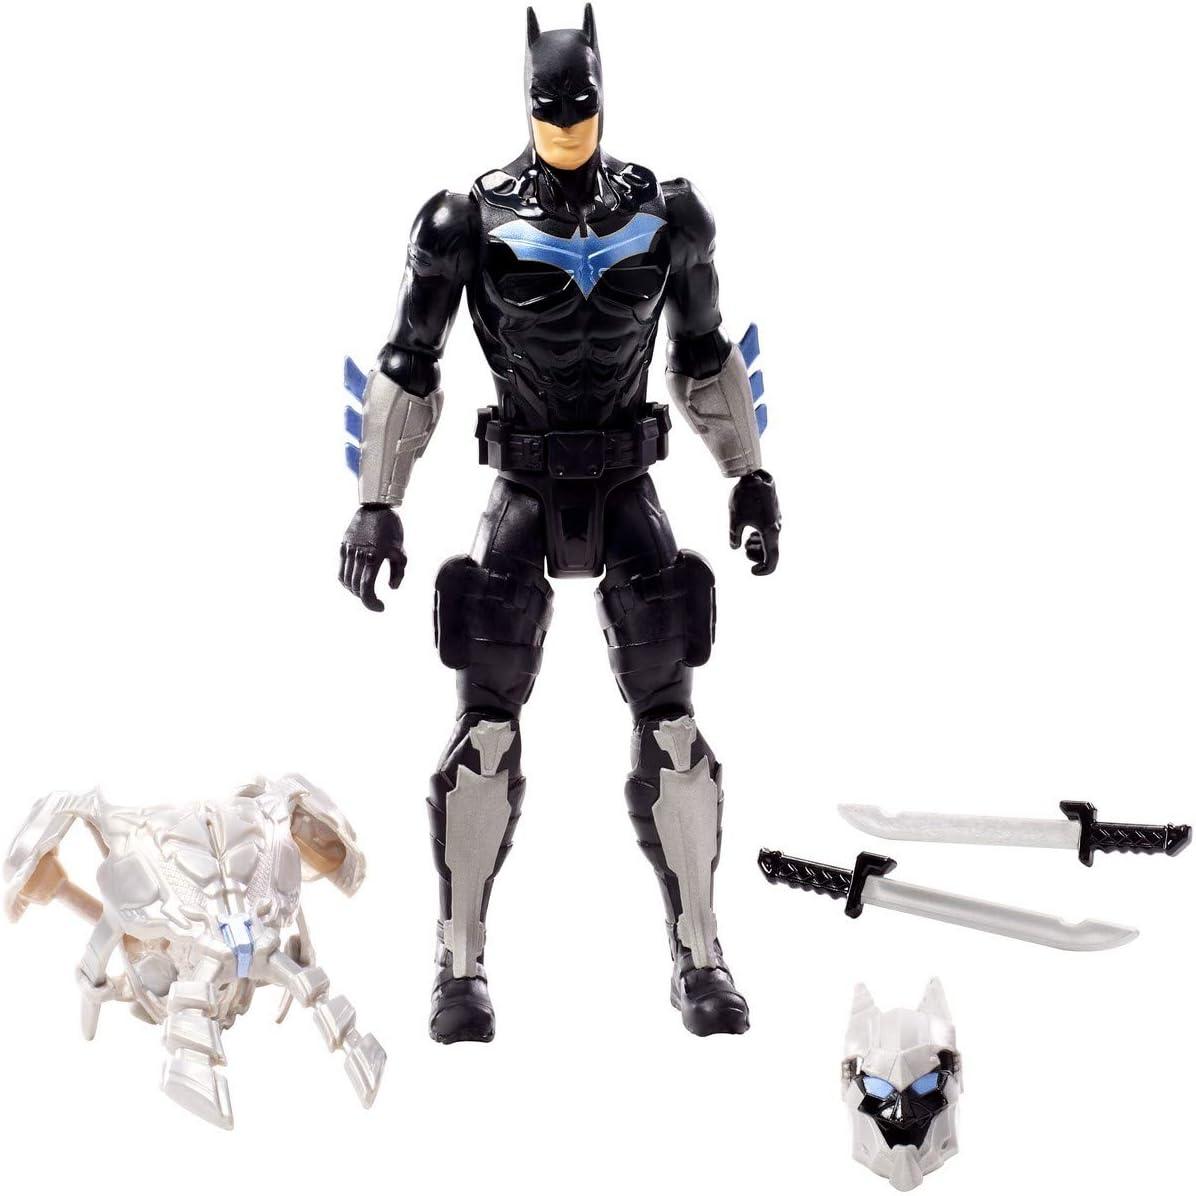 DC Comics Batman Missions Electro Power Batman Action Figure